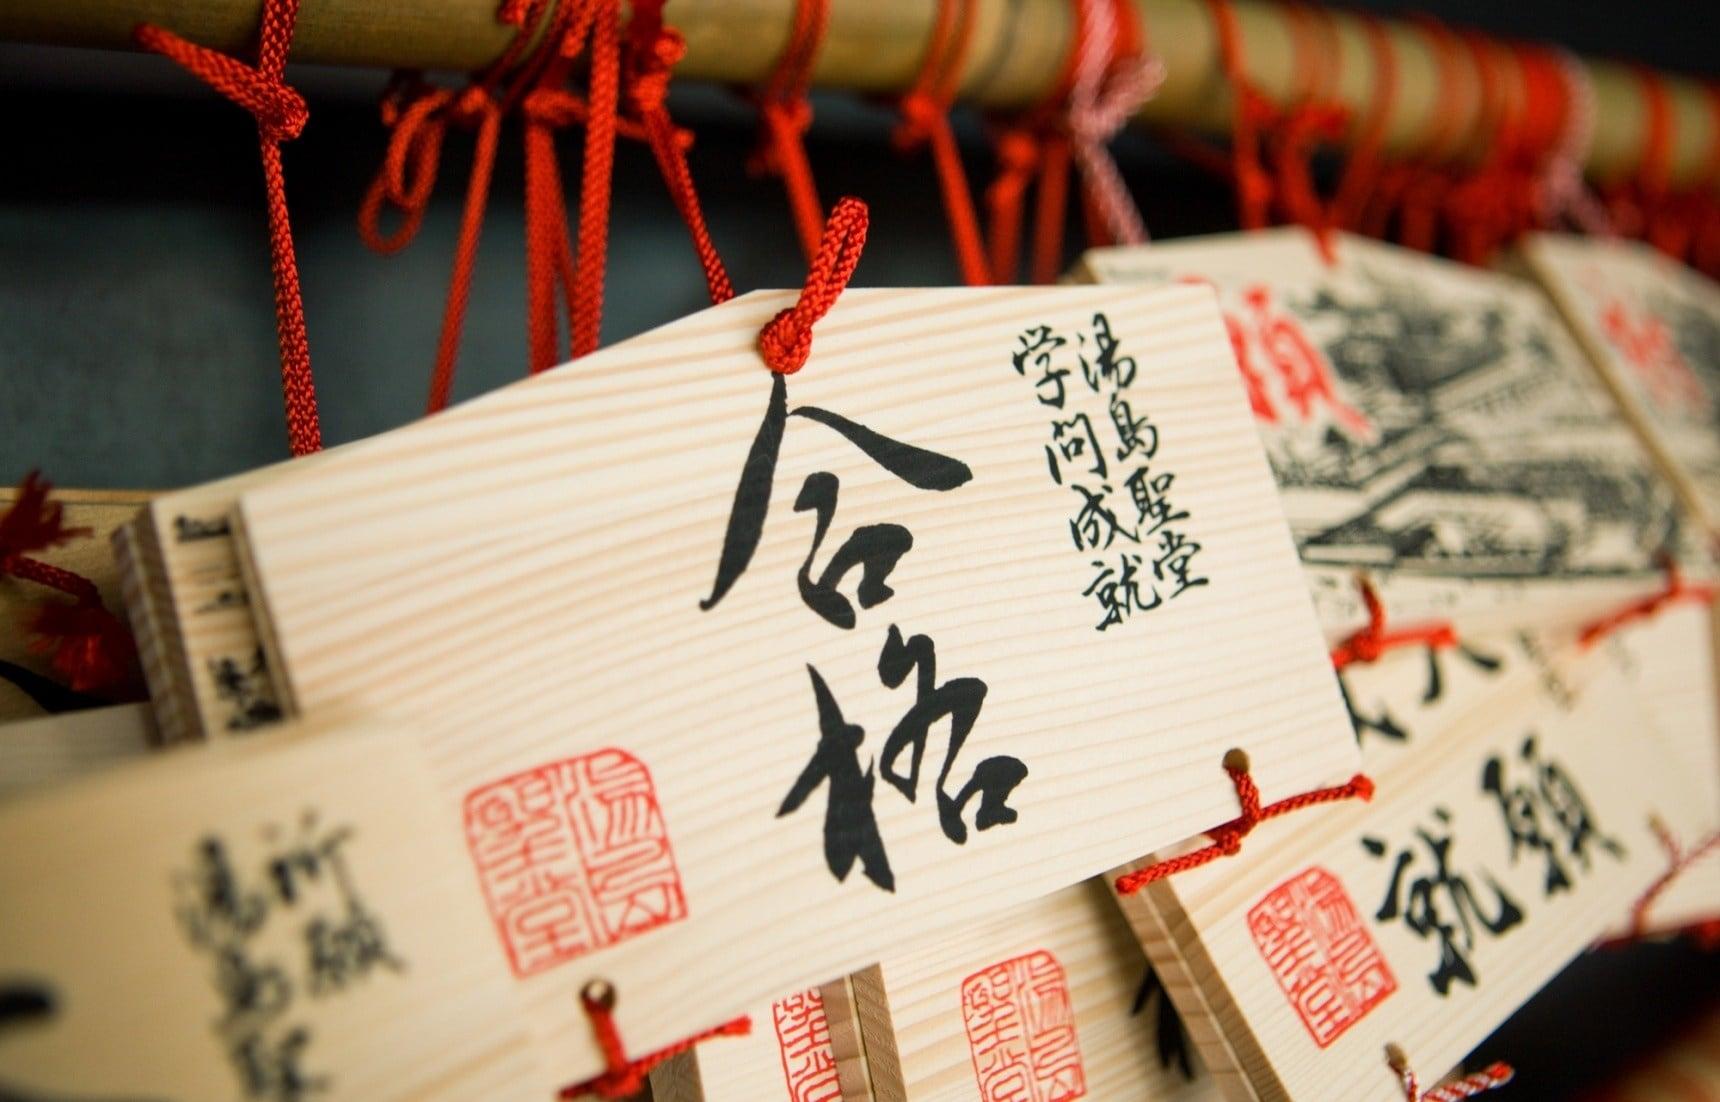 考生必看!學業合格必勝!10大靈驗日本神社